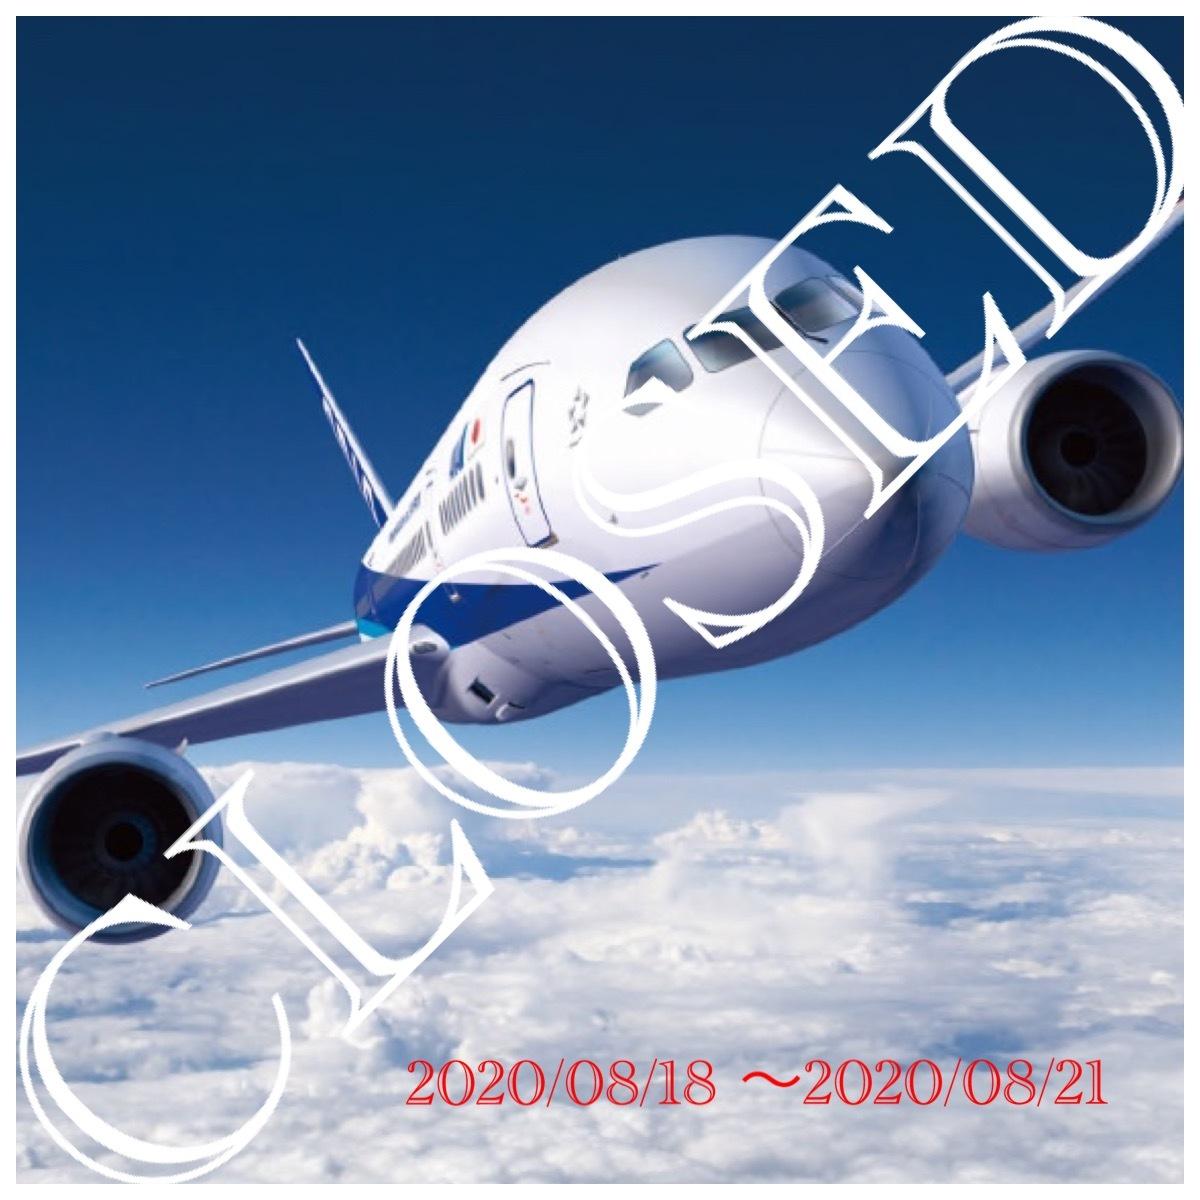 2020/08/18(火)〜2020/08/21(金)  臨時休業 致します。_f0039487_13482642.jpg